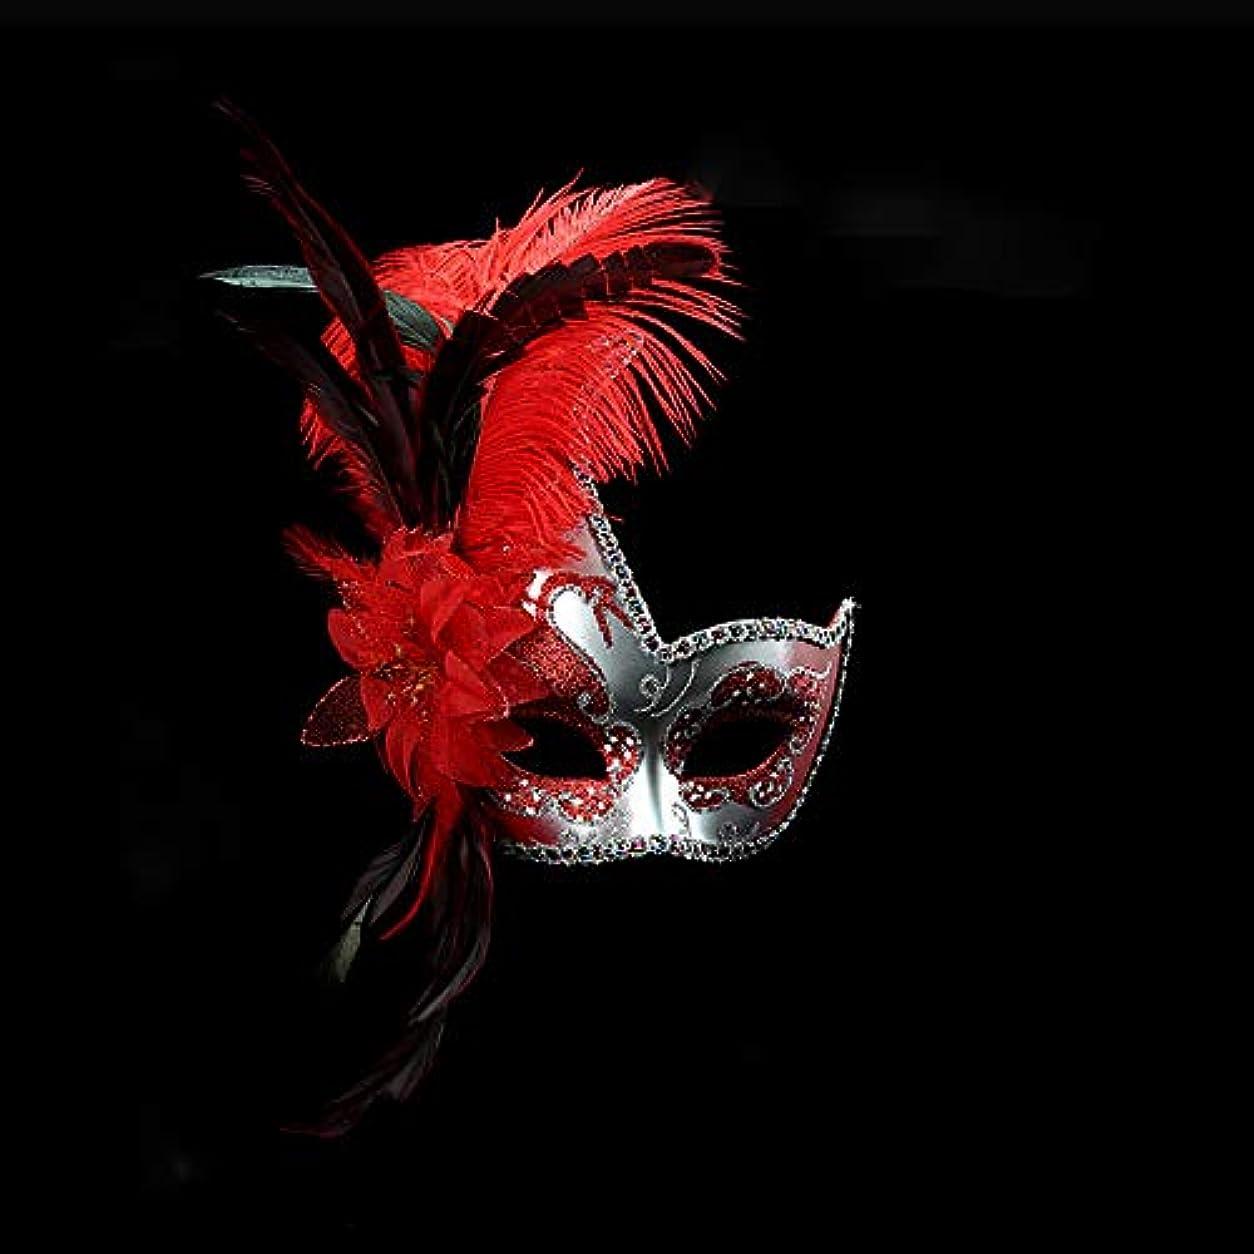 意気消沈した甘美な折Nanle ハロウィンマスクハーフフェザーマスクベニスプリンセスマスク美容レース仮面ライダーコスプレ (色 : Red)